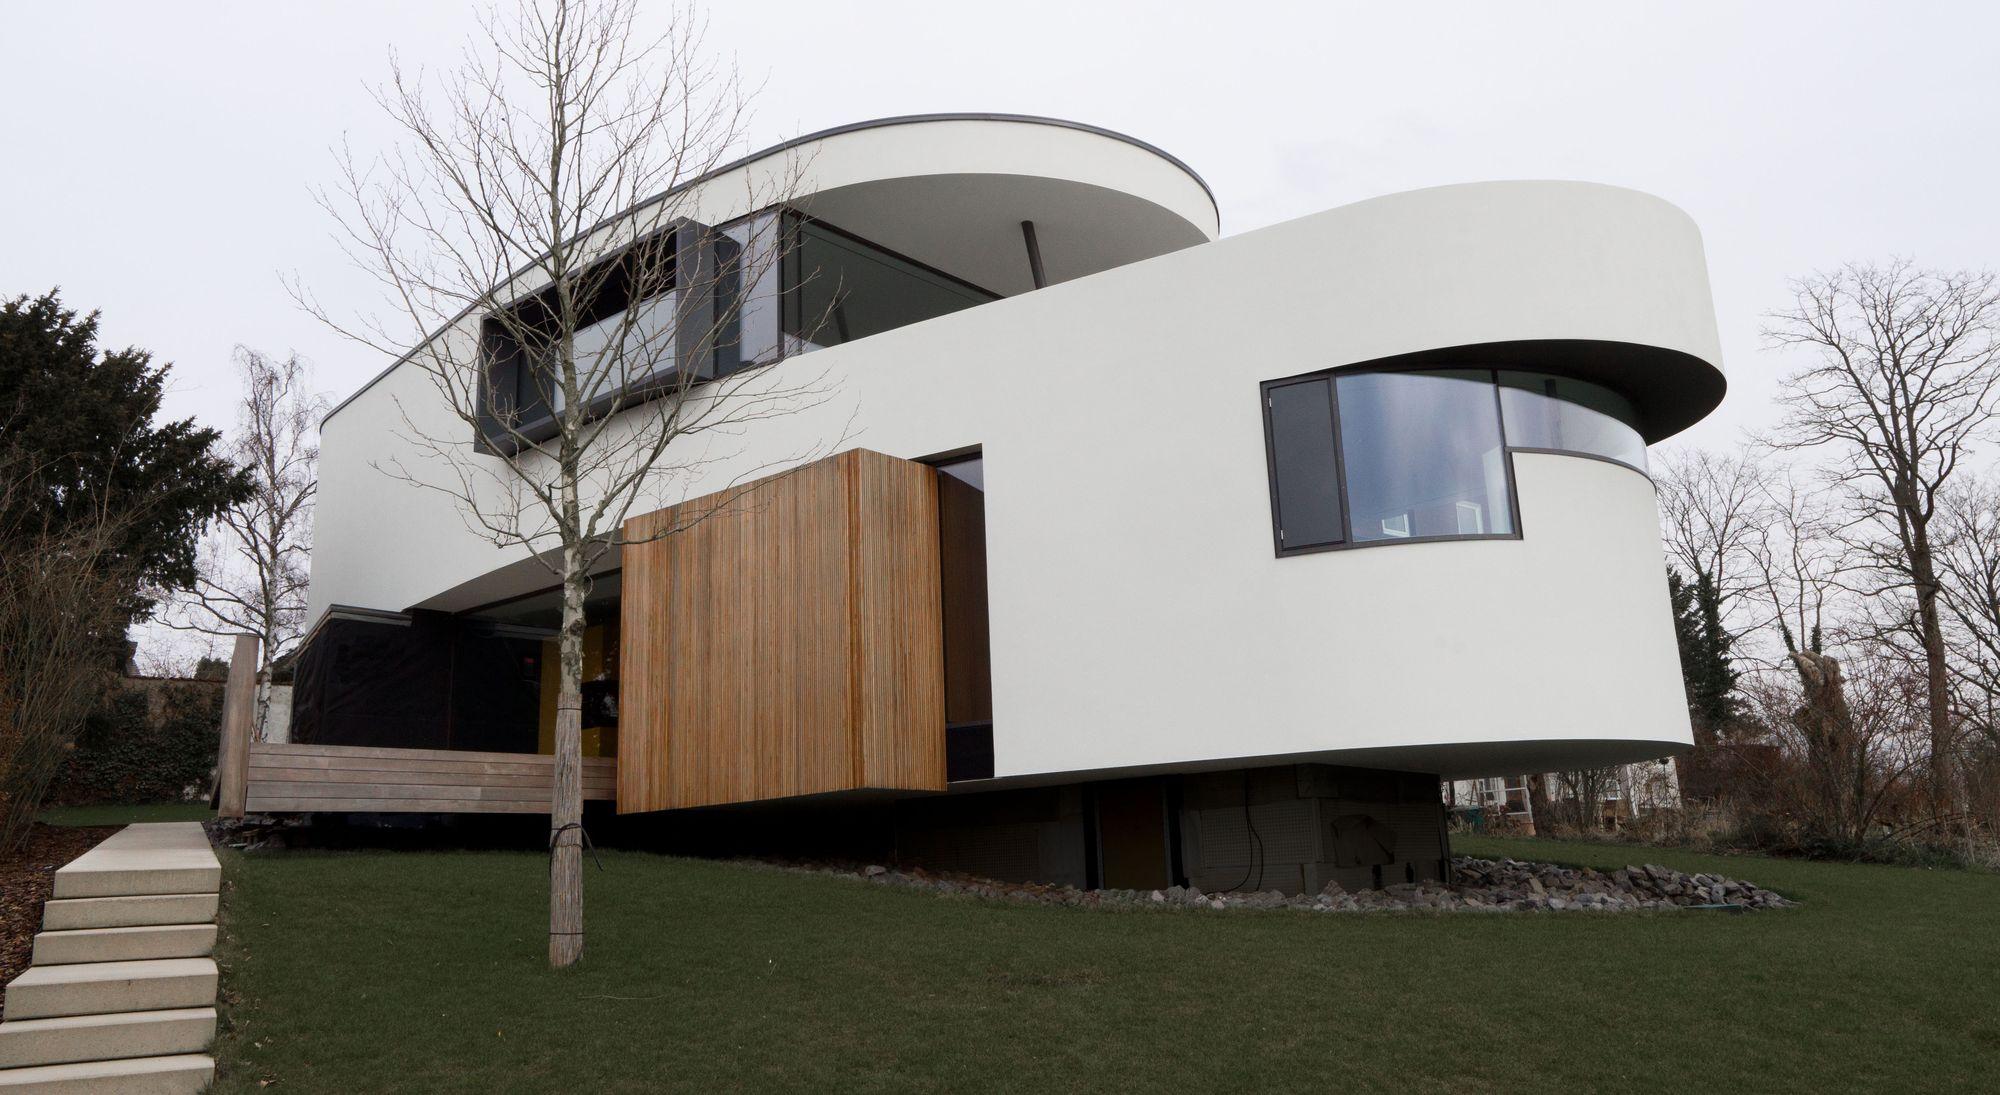 Tag der Architektur 2018 - Wohnhaus An Steins Garten